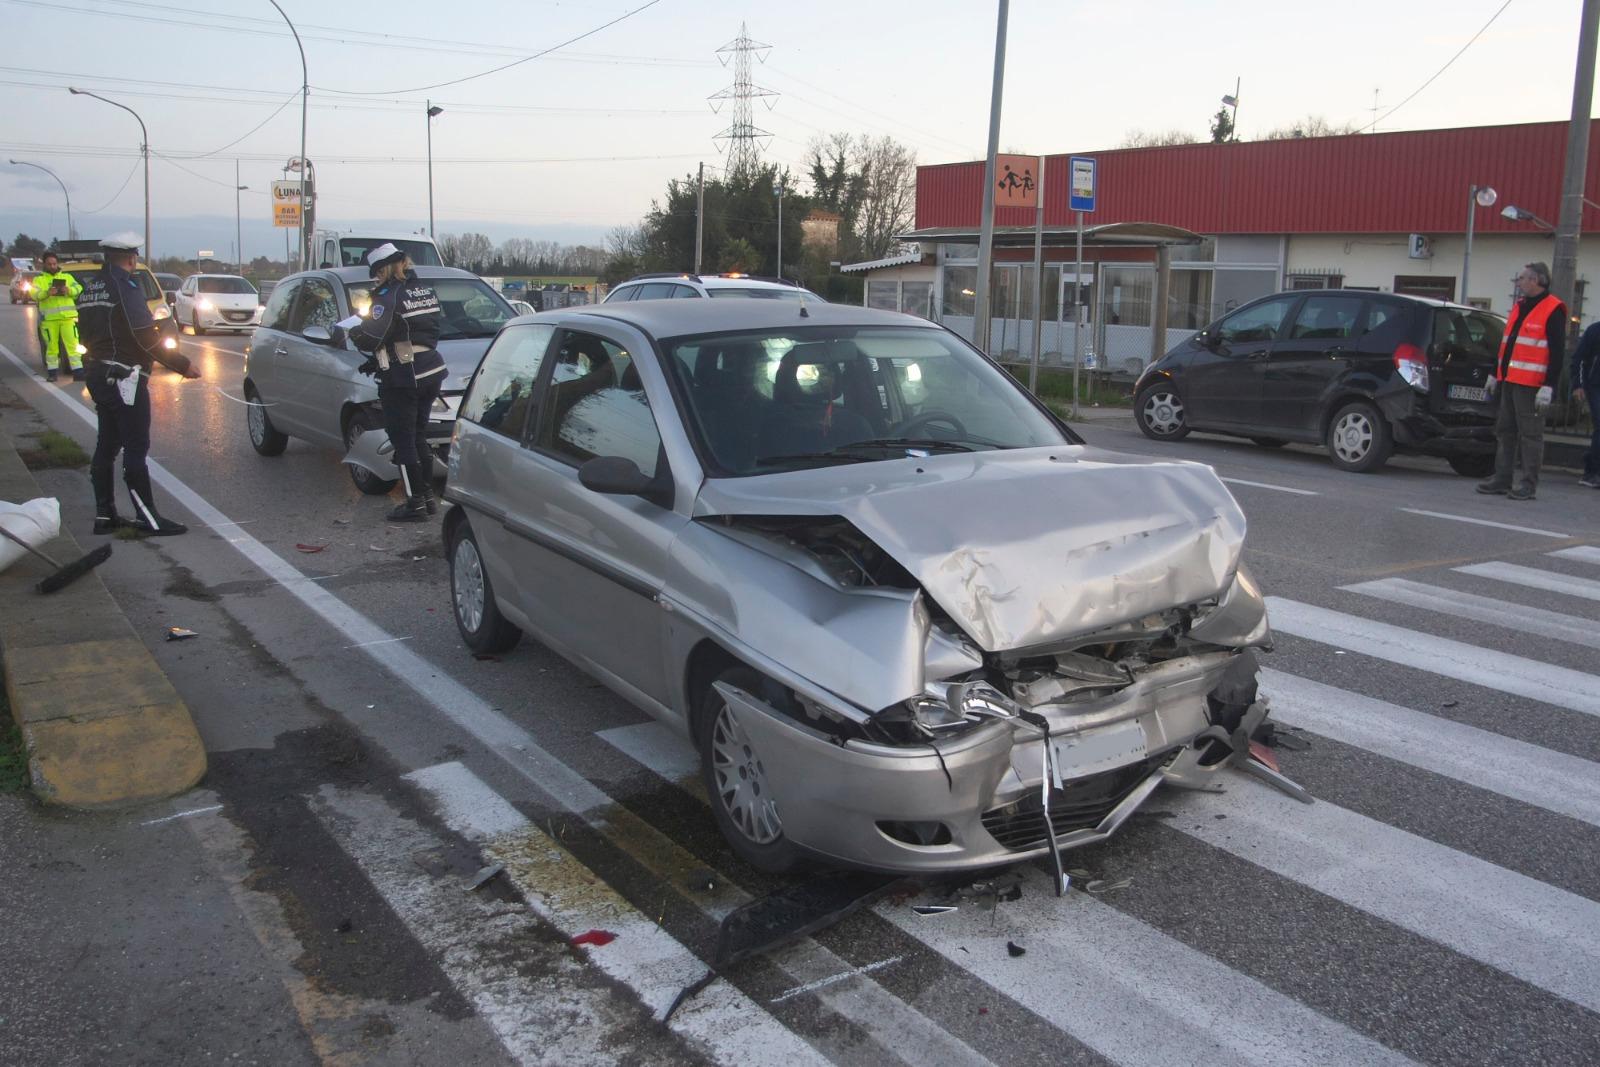 Tamponamento a catena a Camerlona, traffico in tilt sull'Adriatica